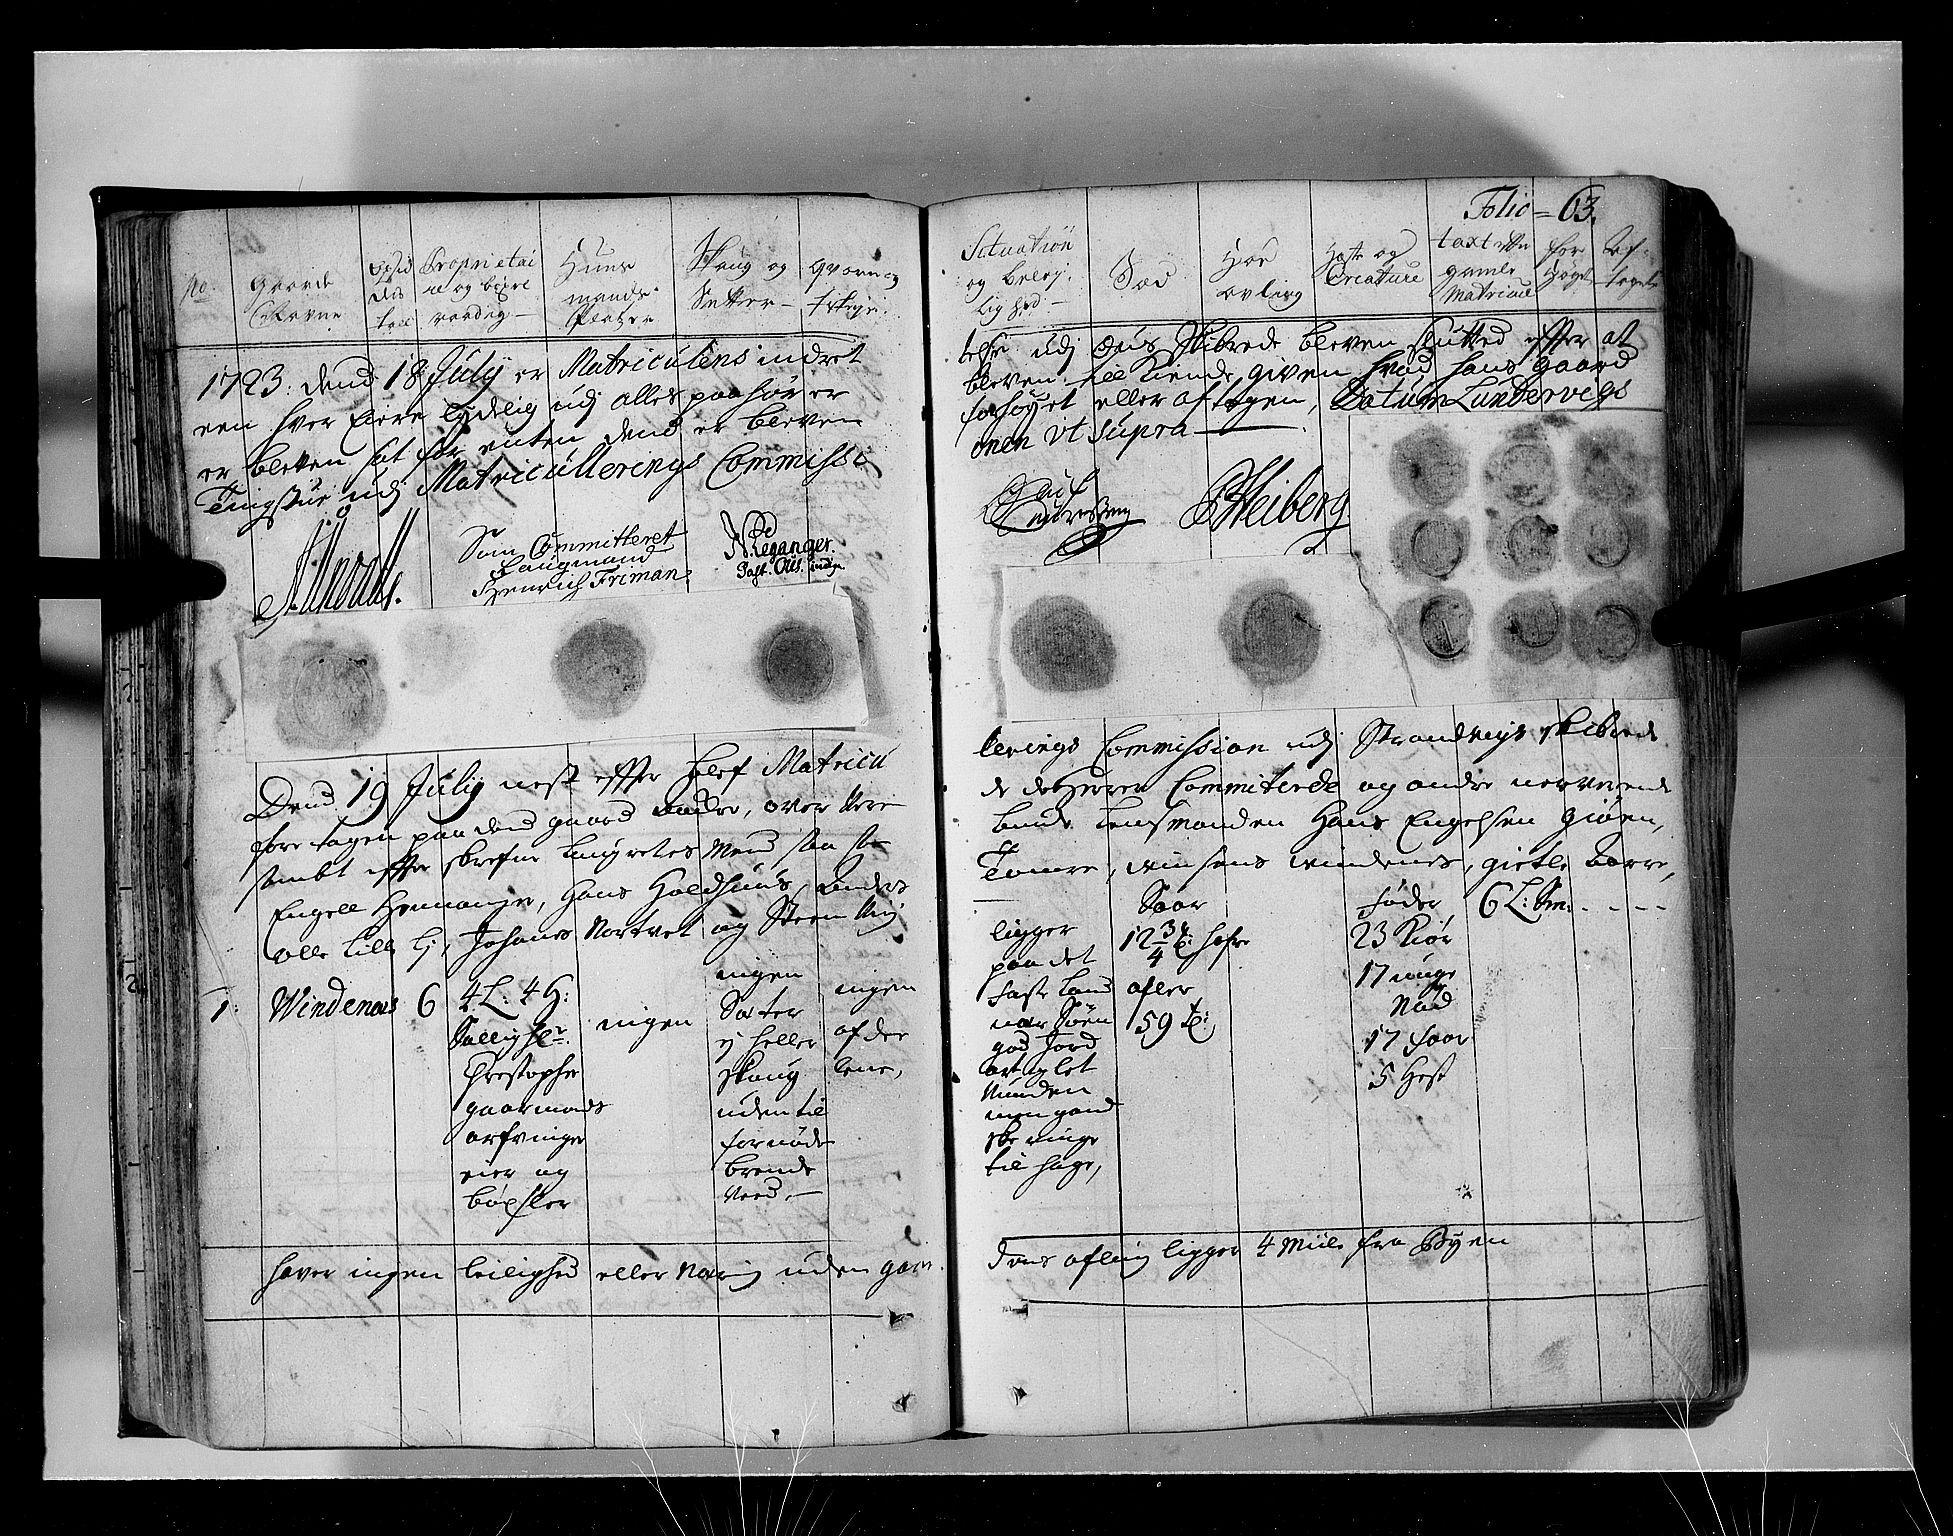 RA, Rentekammeret inntil 1814, Realistisk ordnet avdeling, N/Nb/Nbf/L0134: Sunnhordland eksaminasjonsprotokoll, 1723, s. 62b-63a